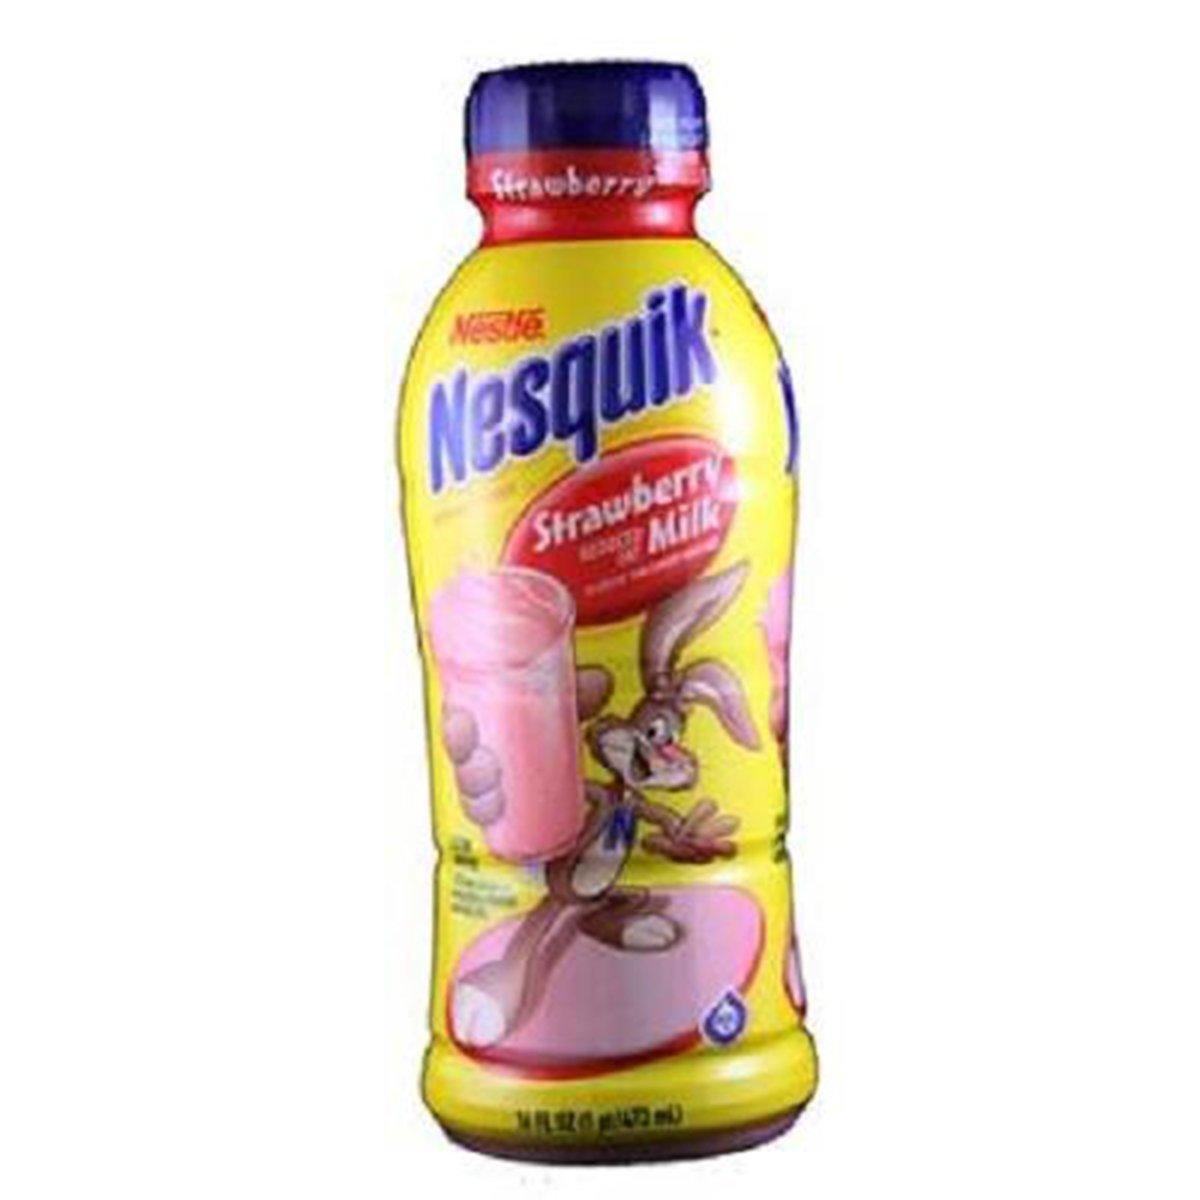 Product Of Nesquik, Low Fat Milk - Strawberry, Count 12 (14 oz) - Milk/Yogurt/Smoothie / Grab Varieties & Flavors